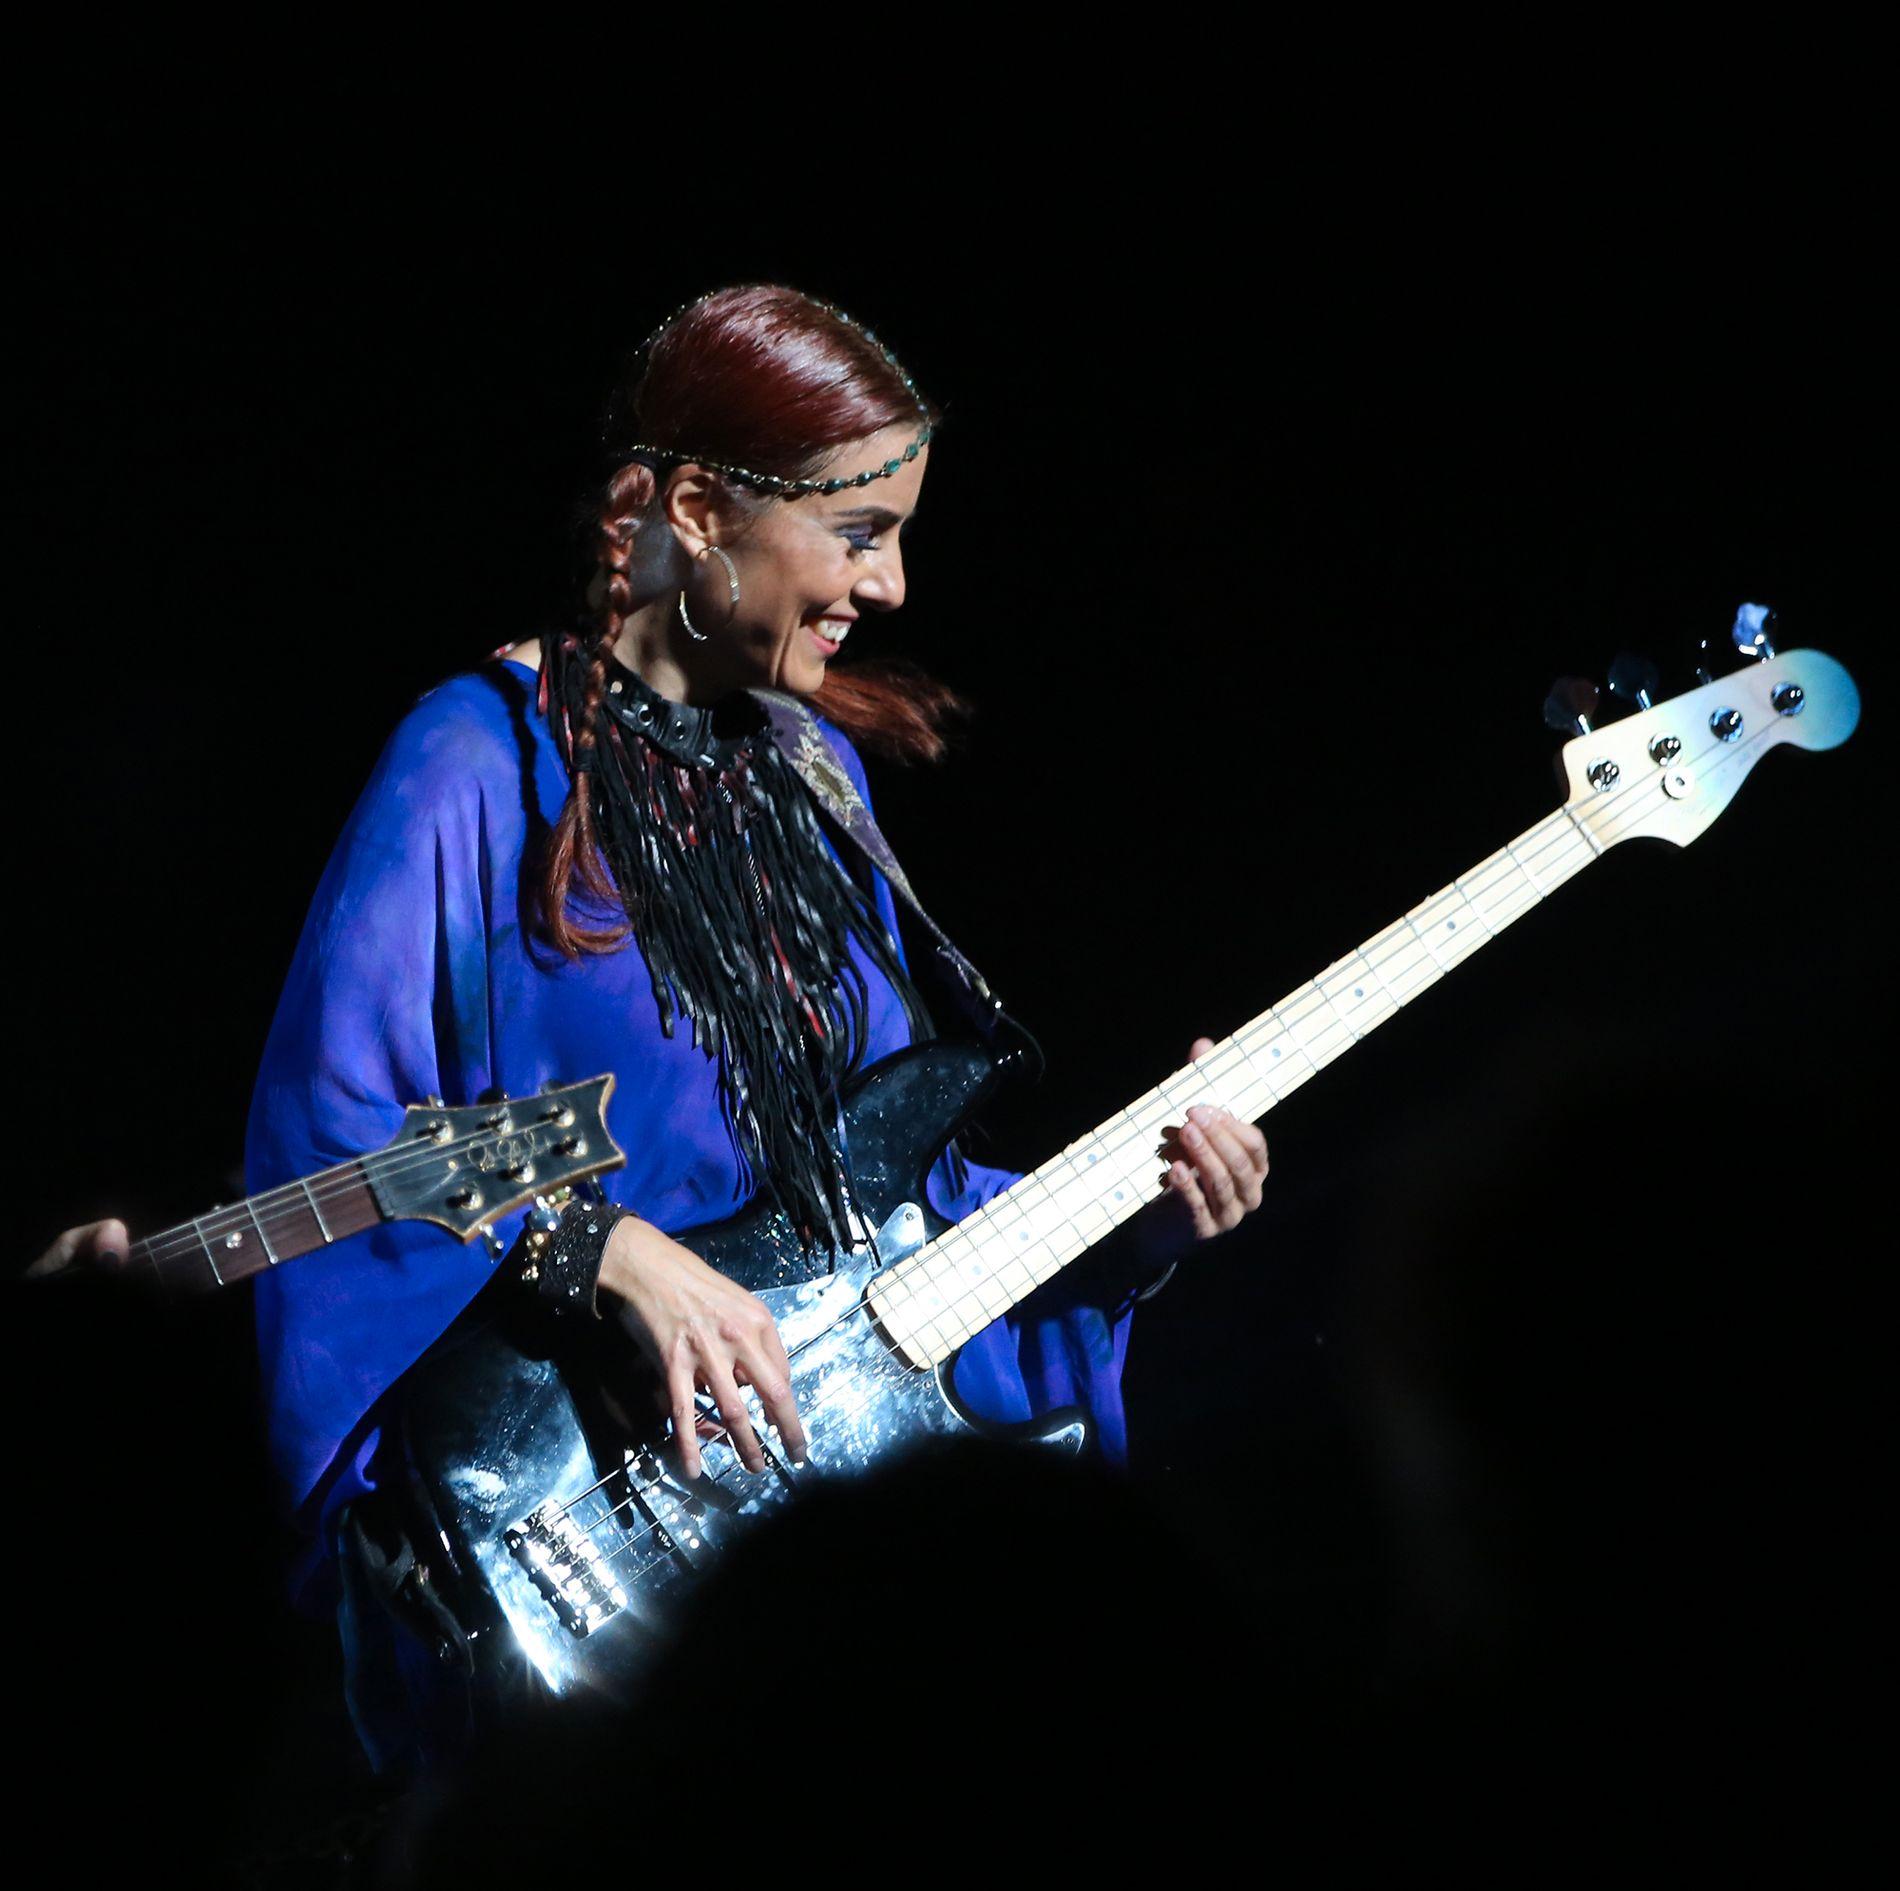 TIL BERGEN: Bassisten Ida Nielsen har spilt med artisten Prince. Til helgen har hun også en «egen kveld» på Logen.